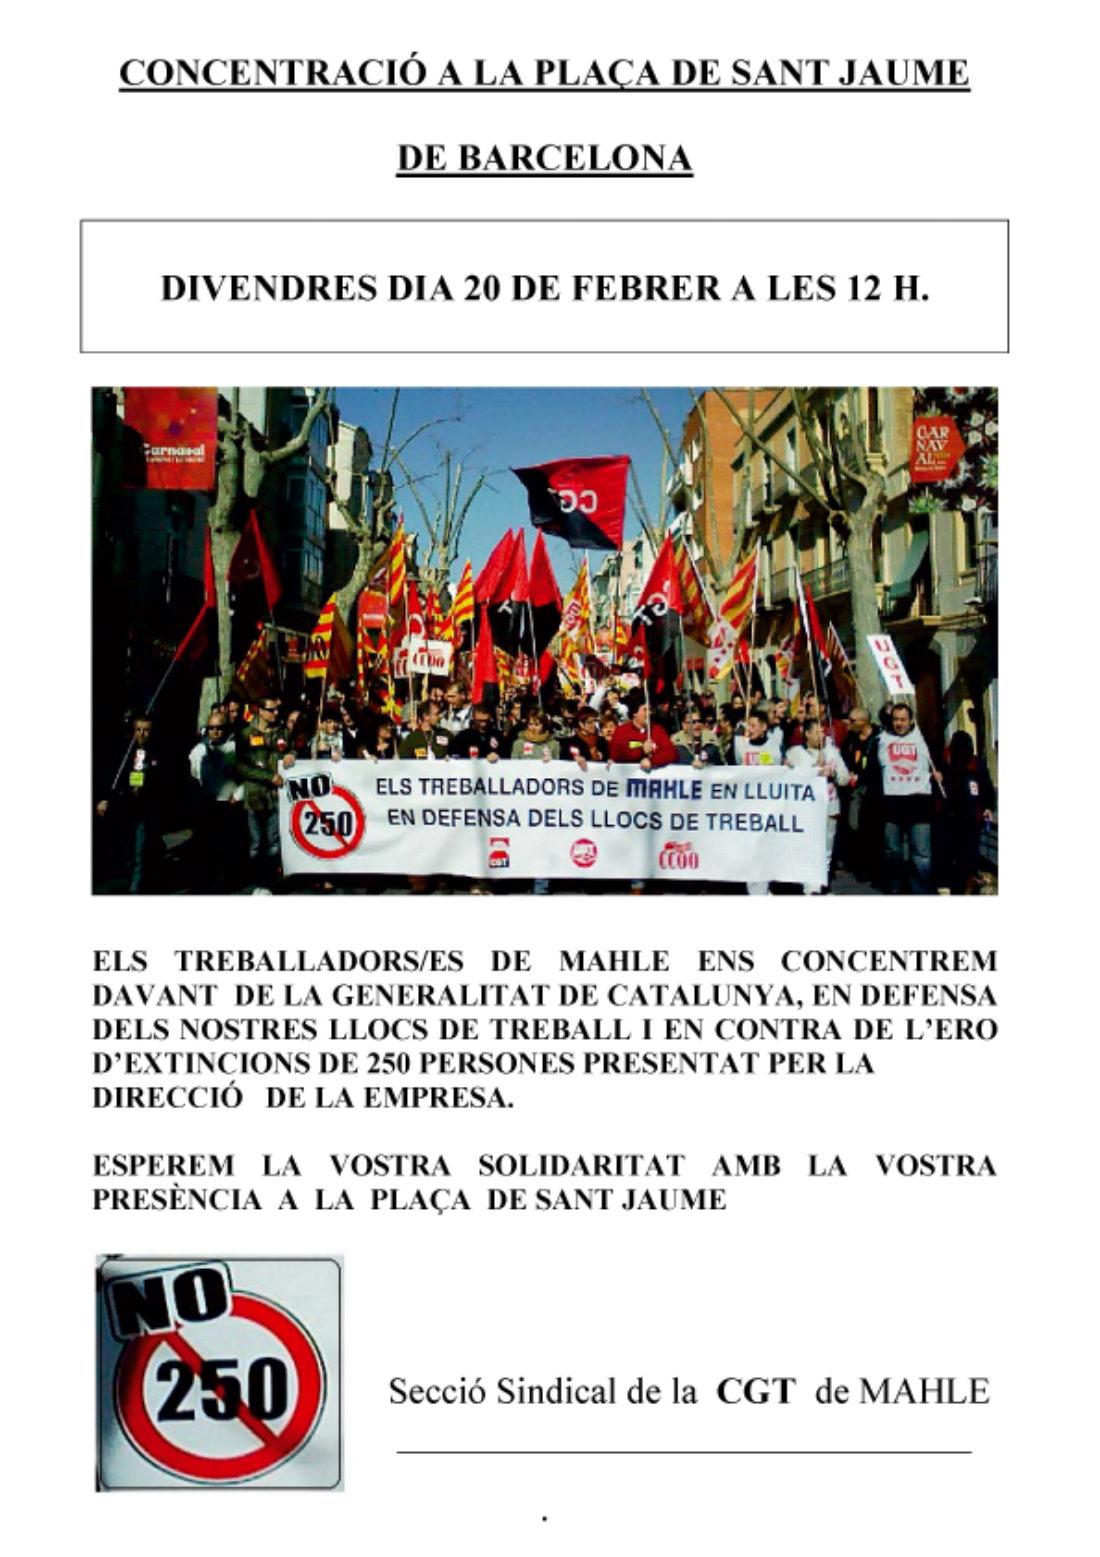 Els treballadors de Mahle convoquen concentració a la Plaça de Sant Jaume de Barcelona el divendres 20 de febrer a les 12 h. contra els 250 acomiadaments